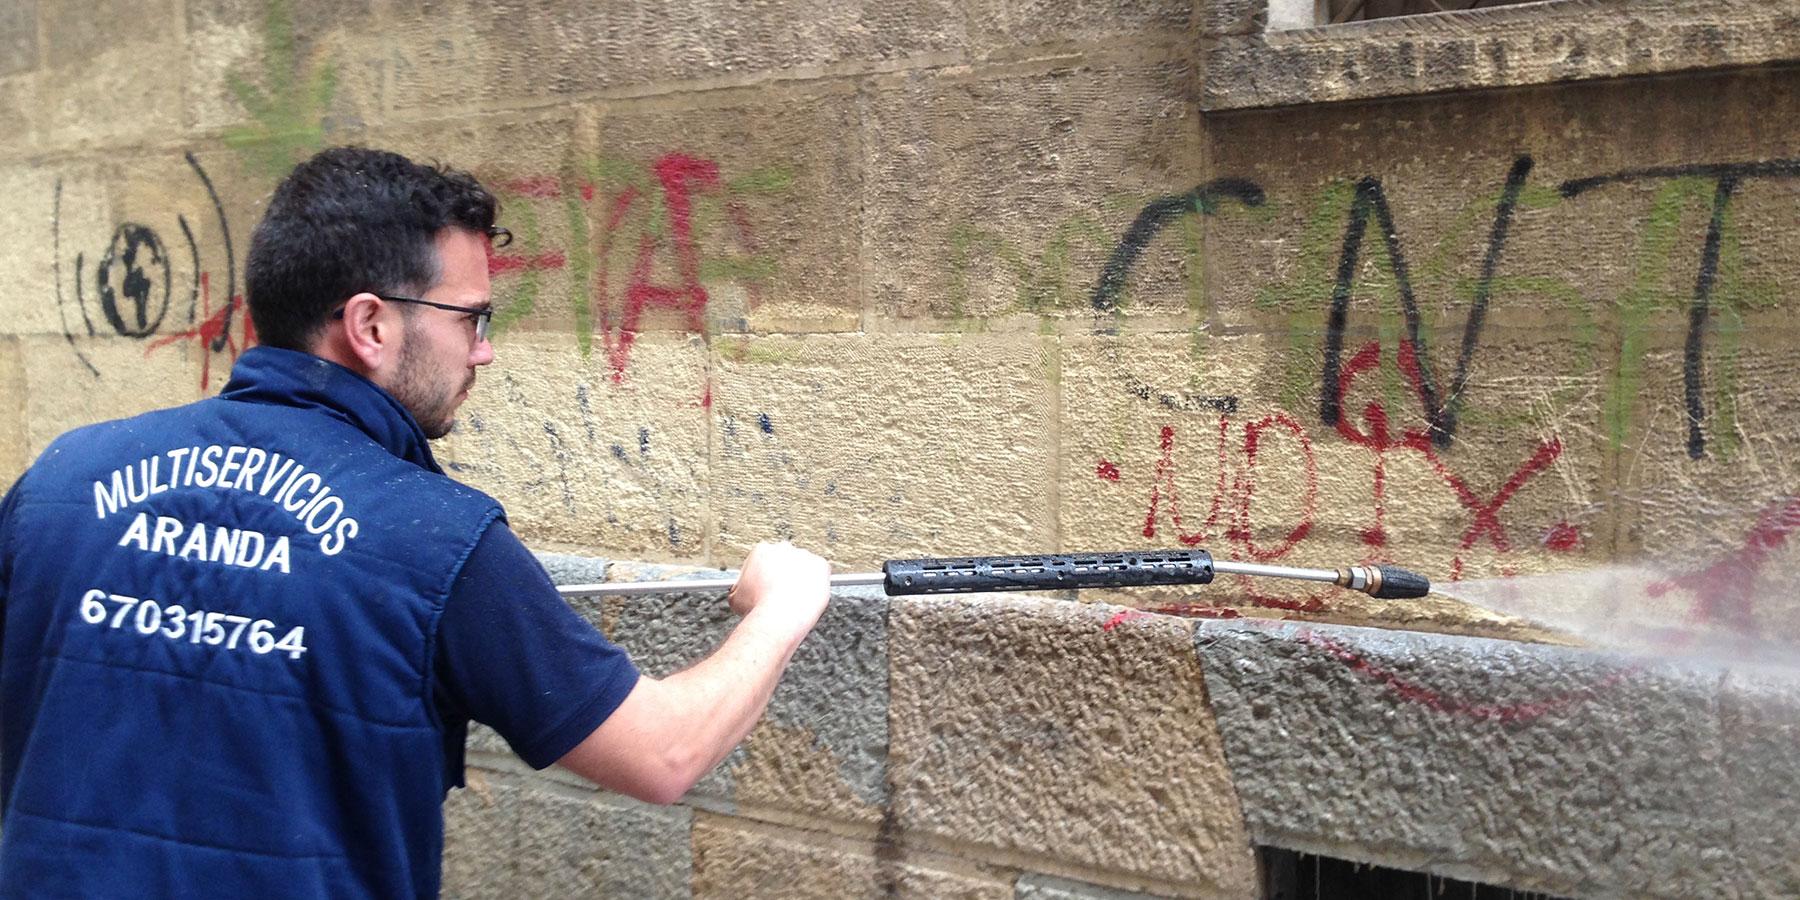 Aranda-Multiservicios-y-Grafiti